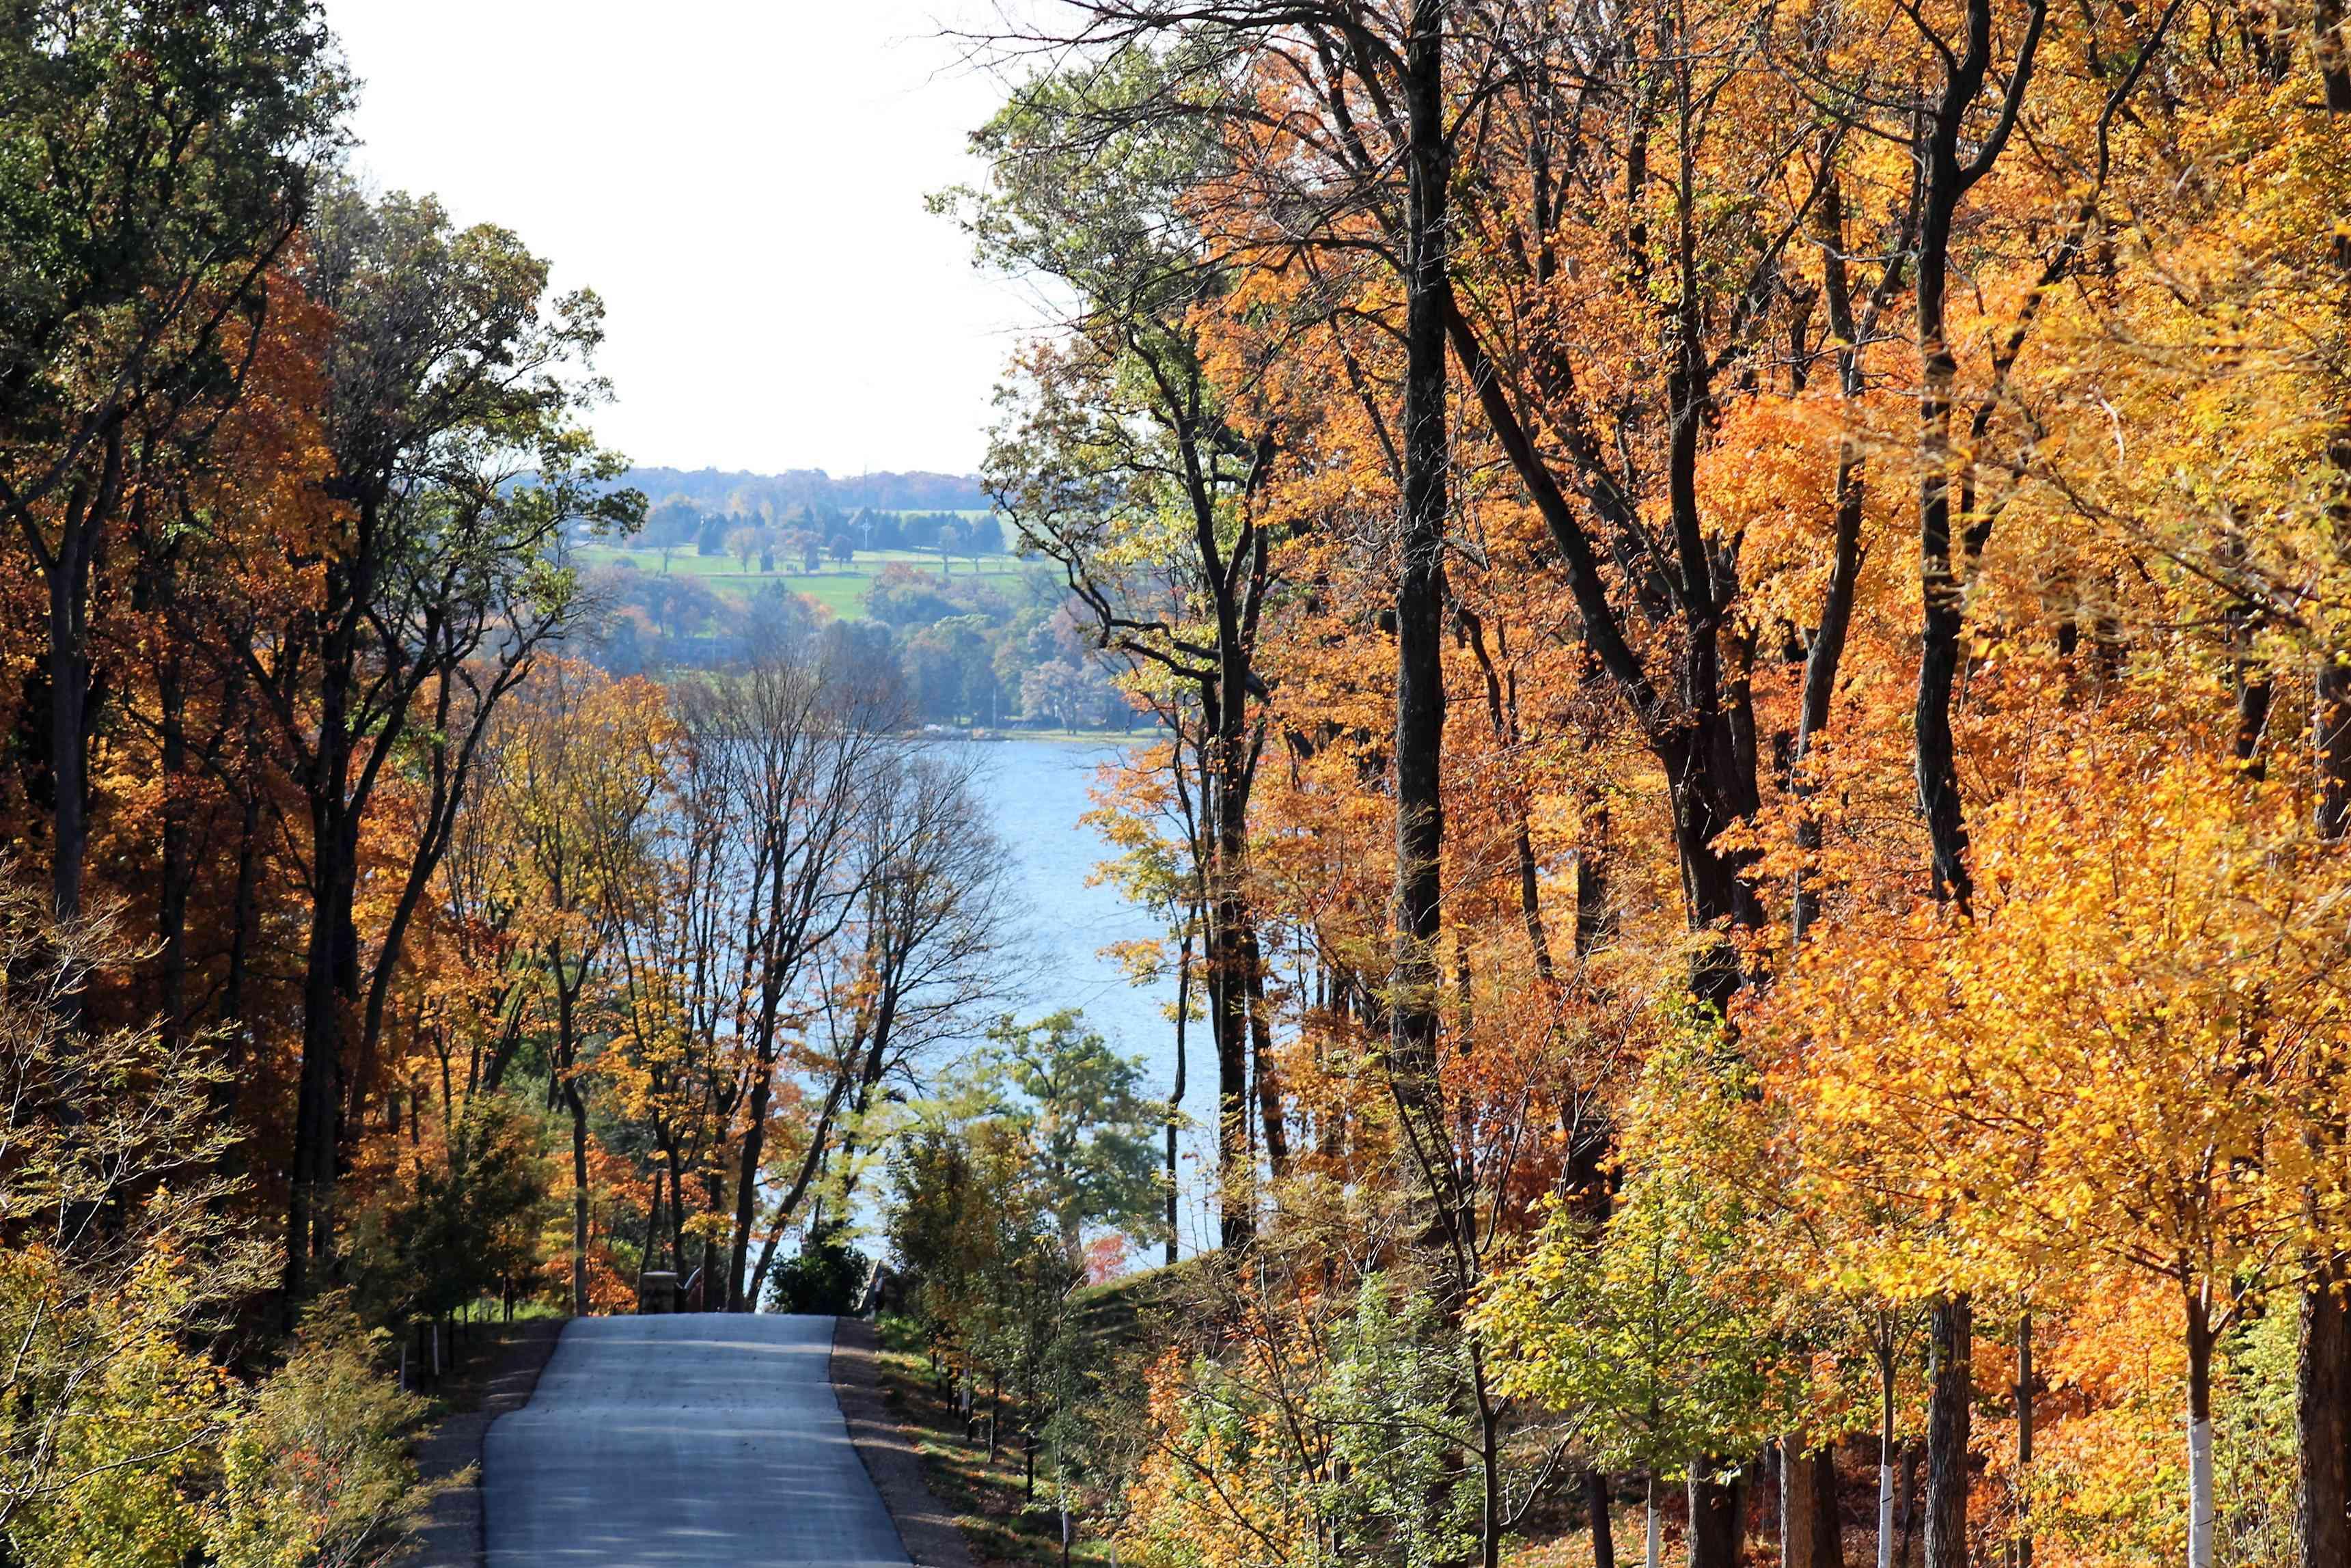 Lake Geneva in fall